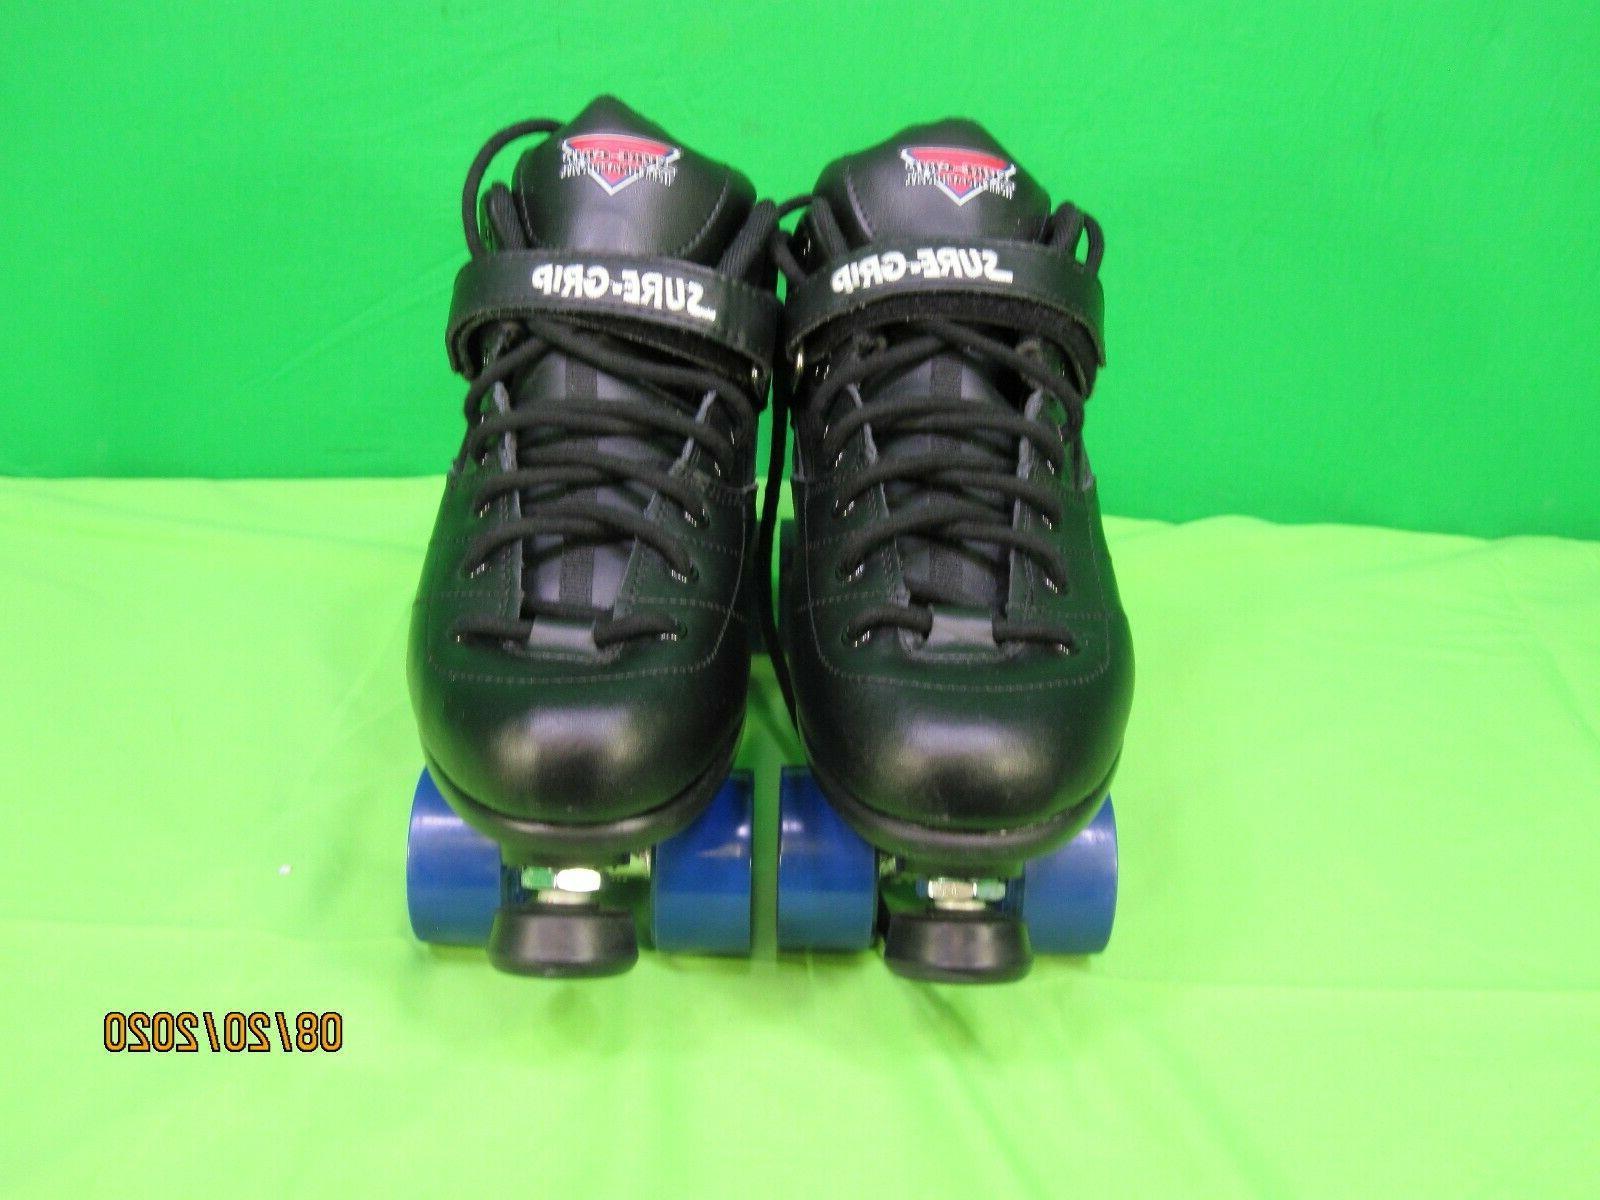 suregrip rebel roller skates black size 13